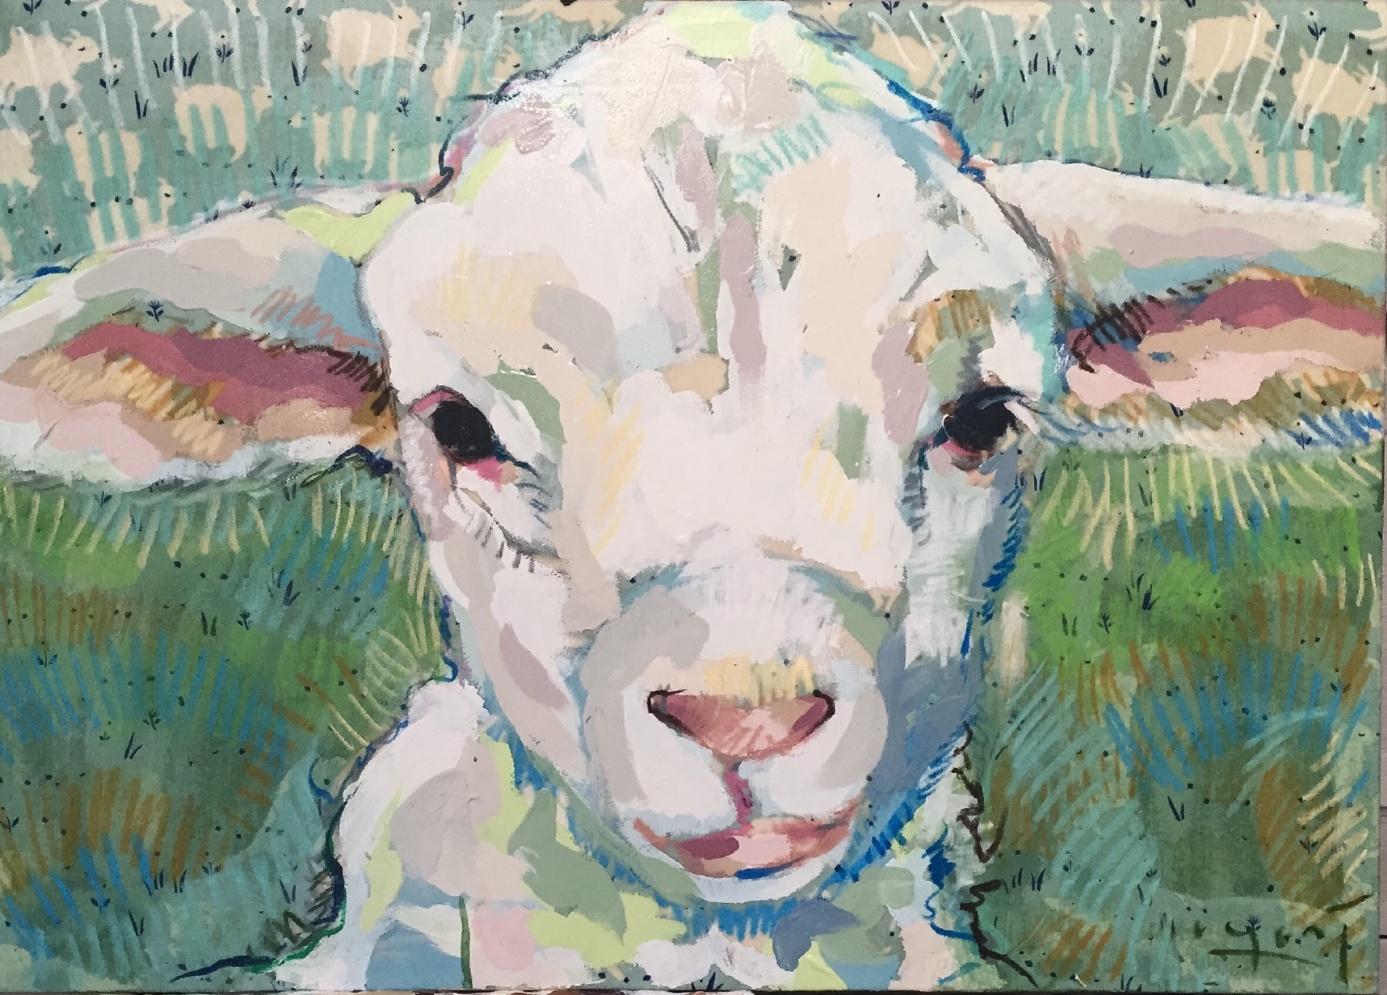 Tim Jaeger, Lamb no. V, 2016